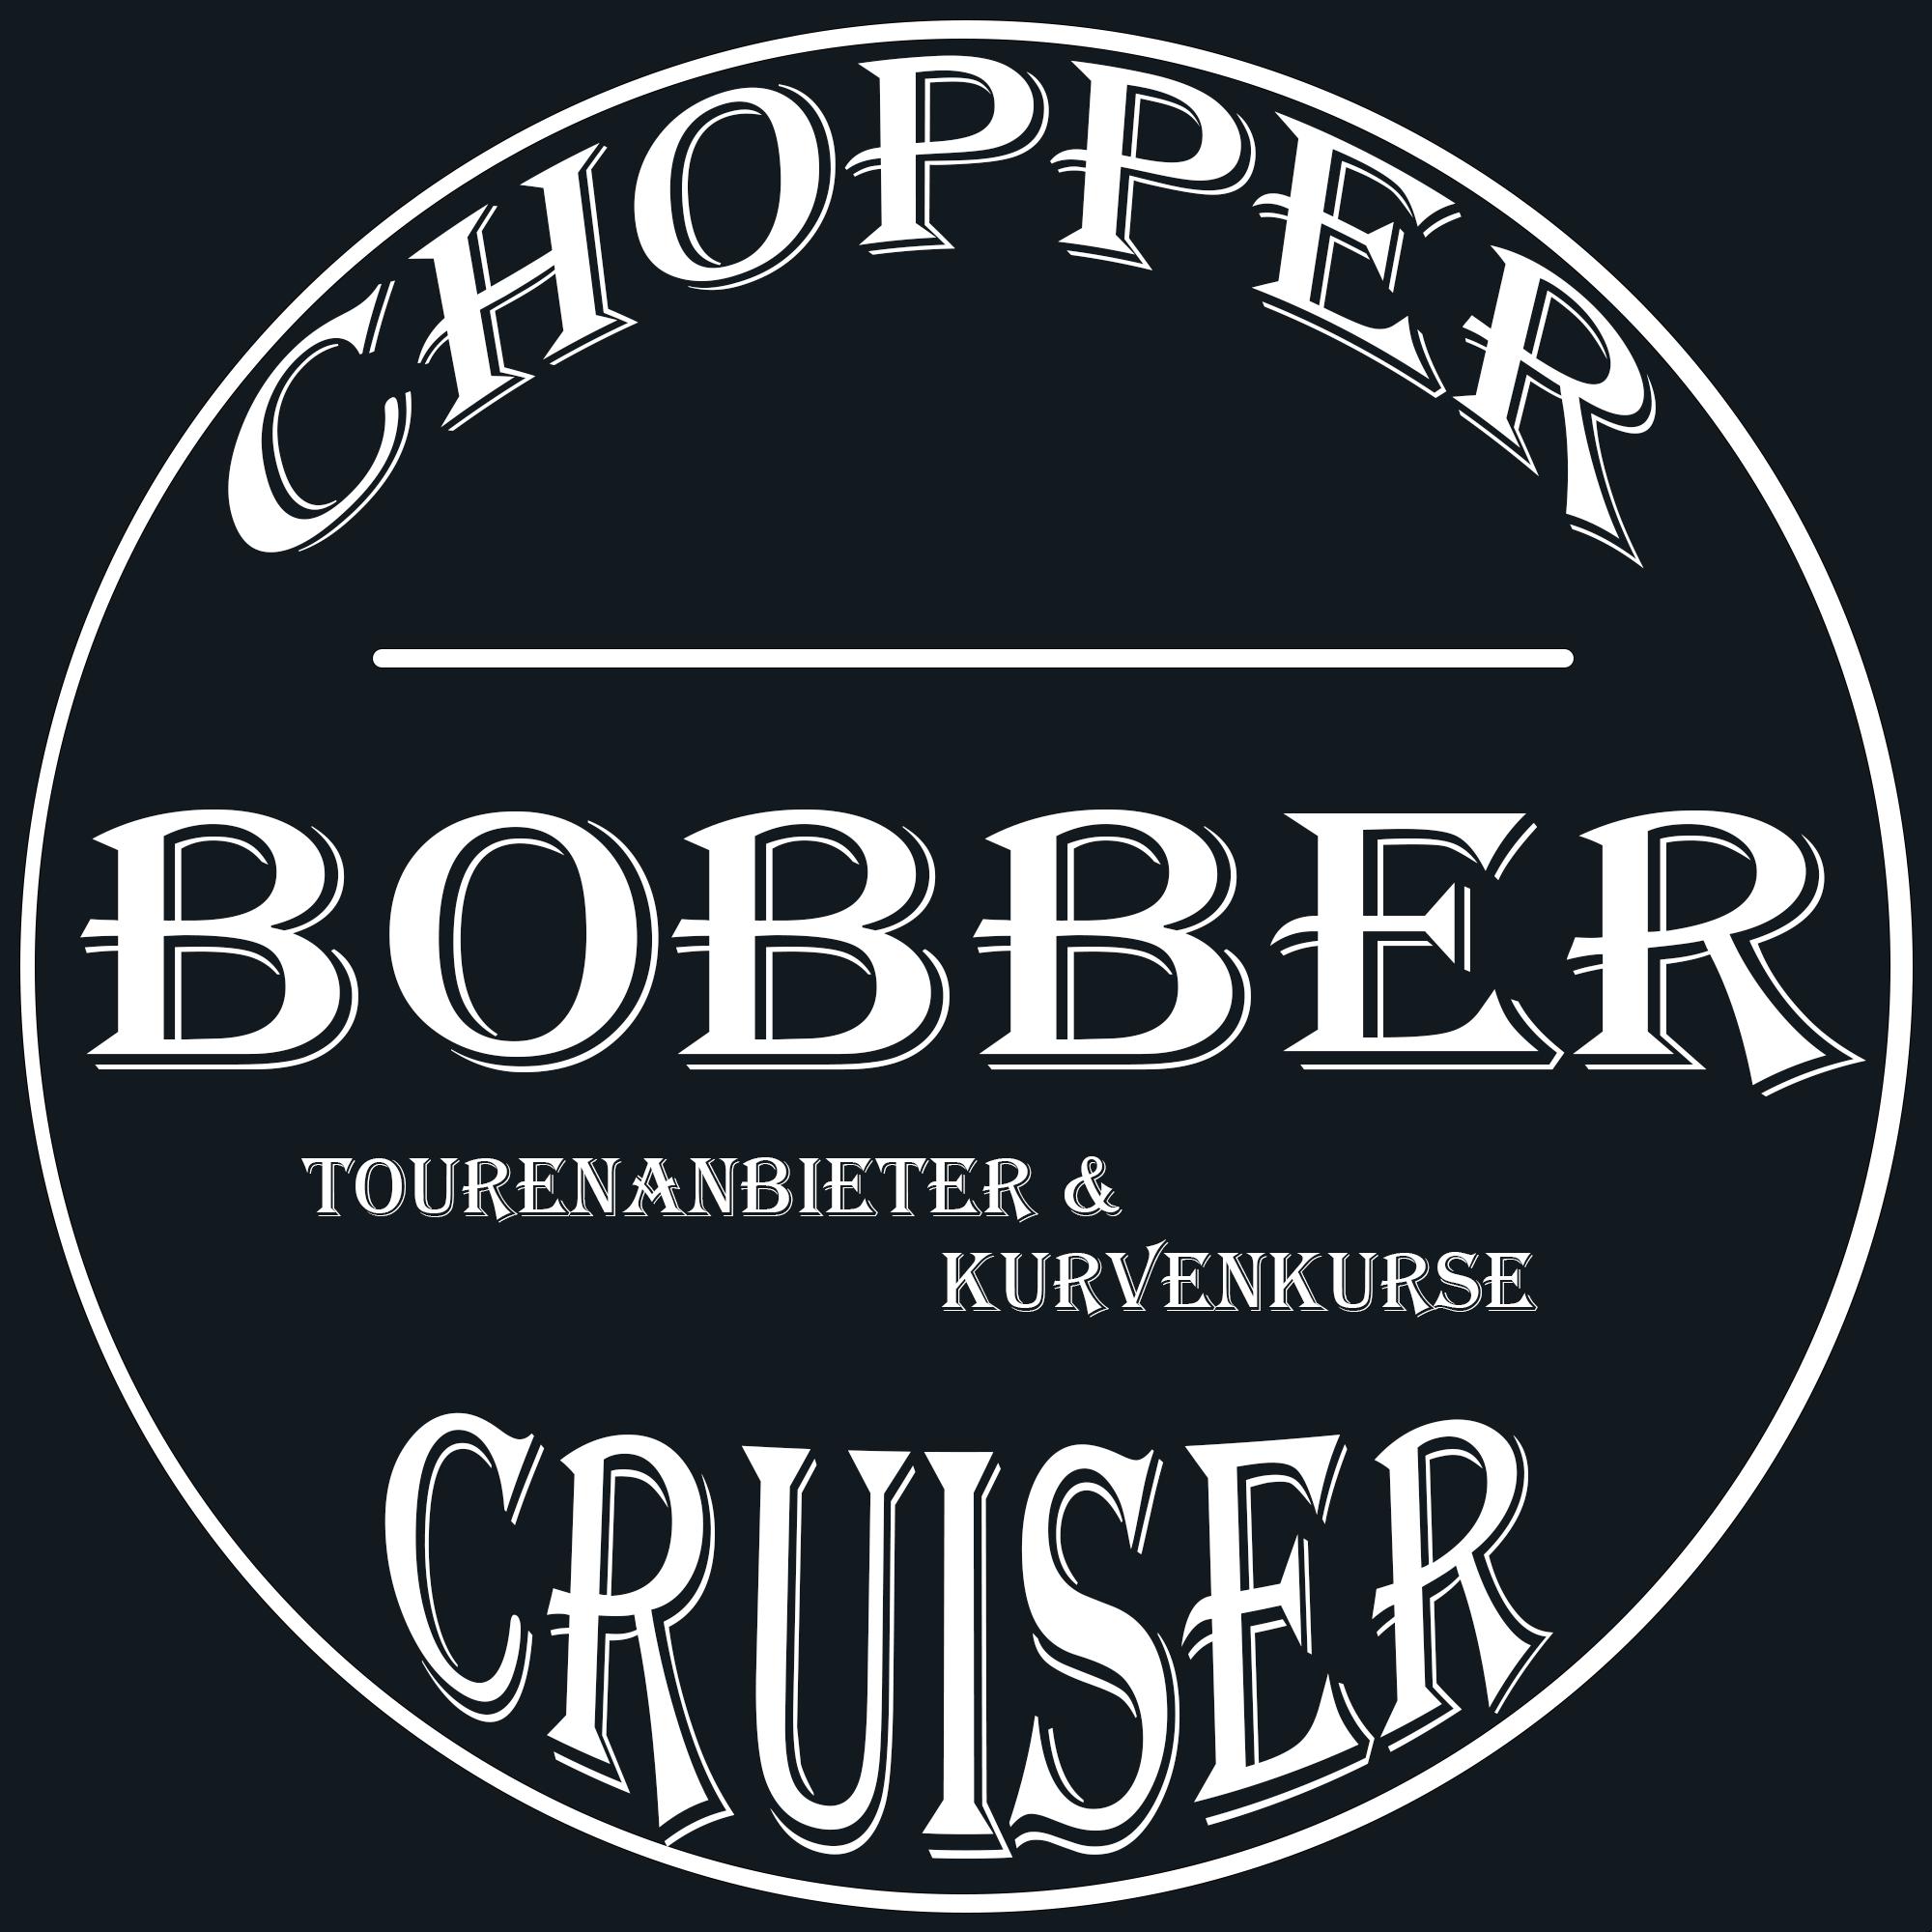 Chopper-Bobber-Cuiser